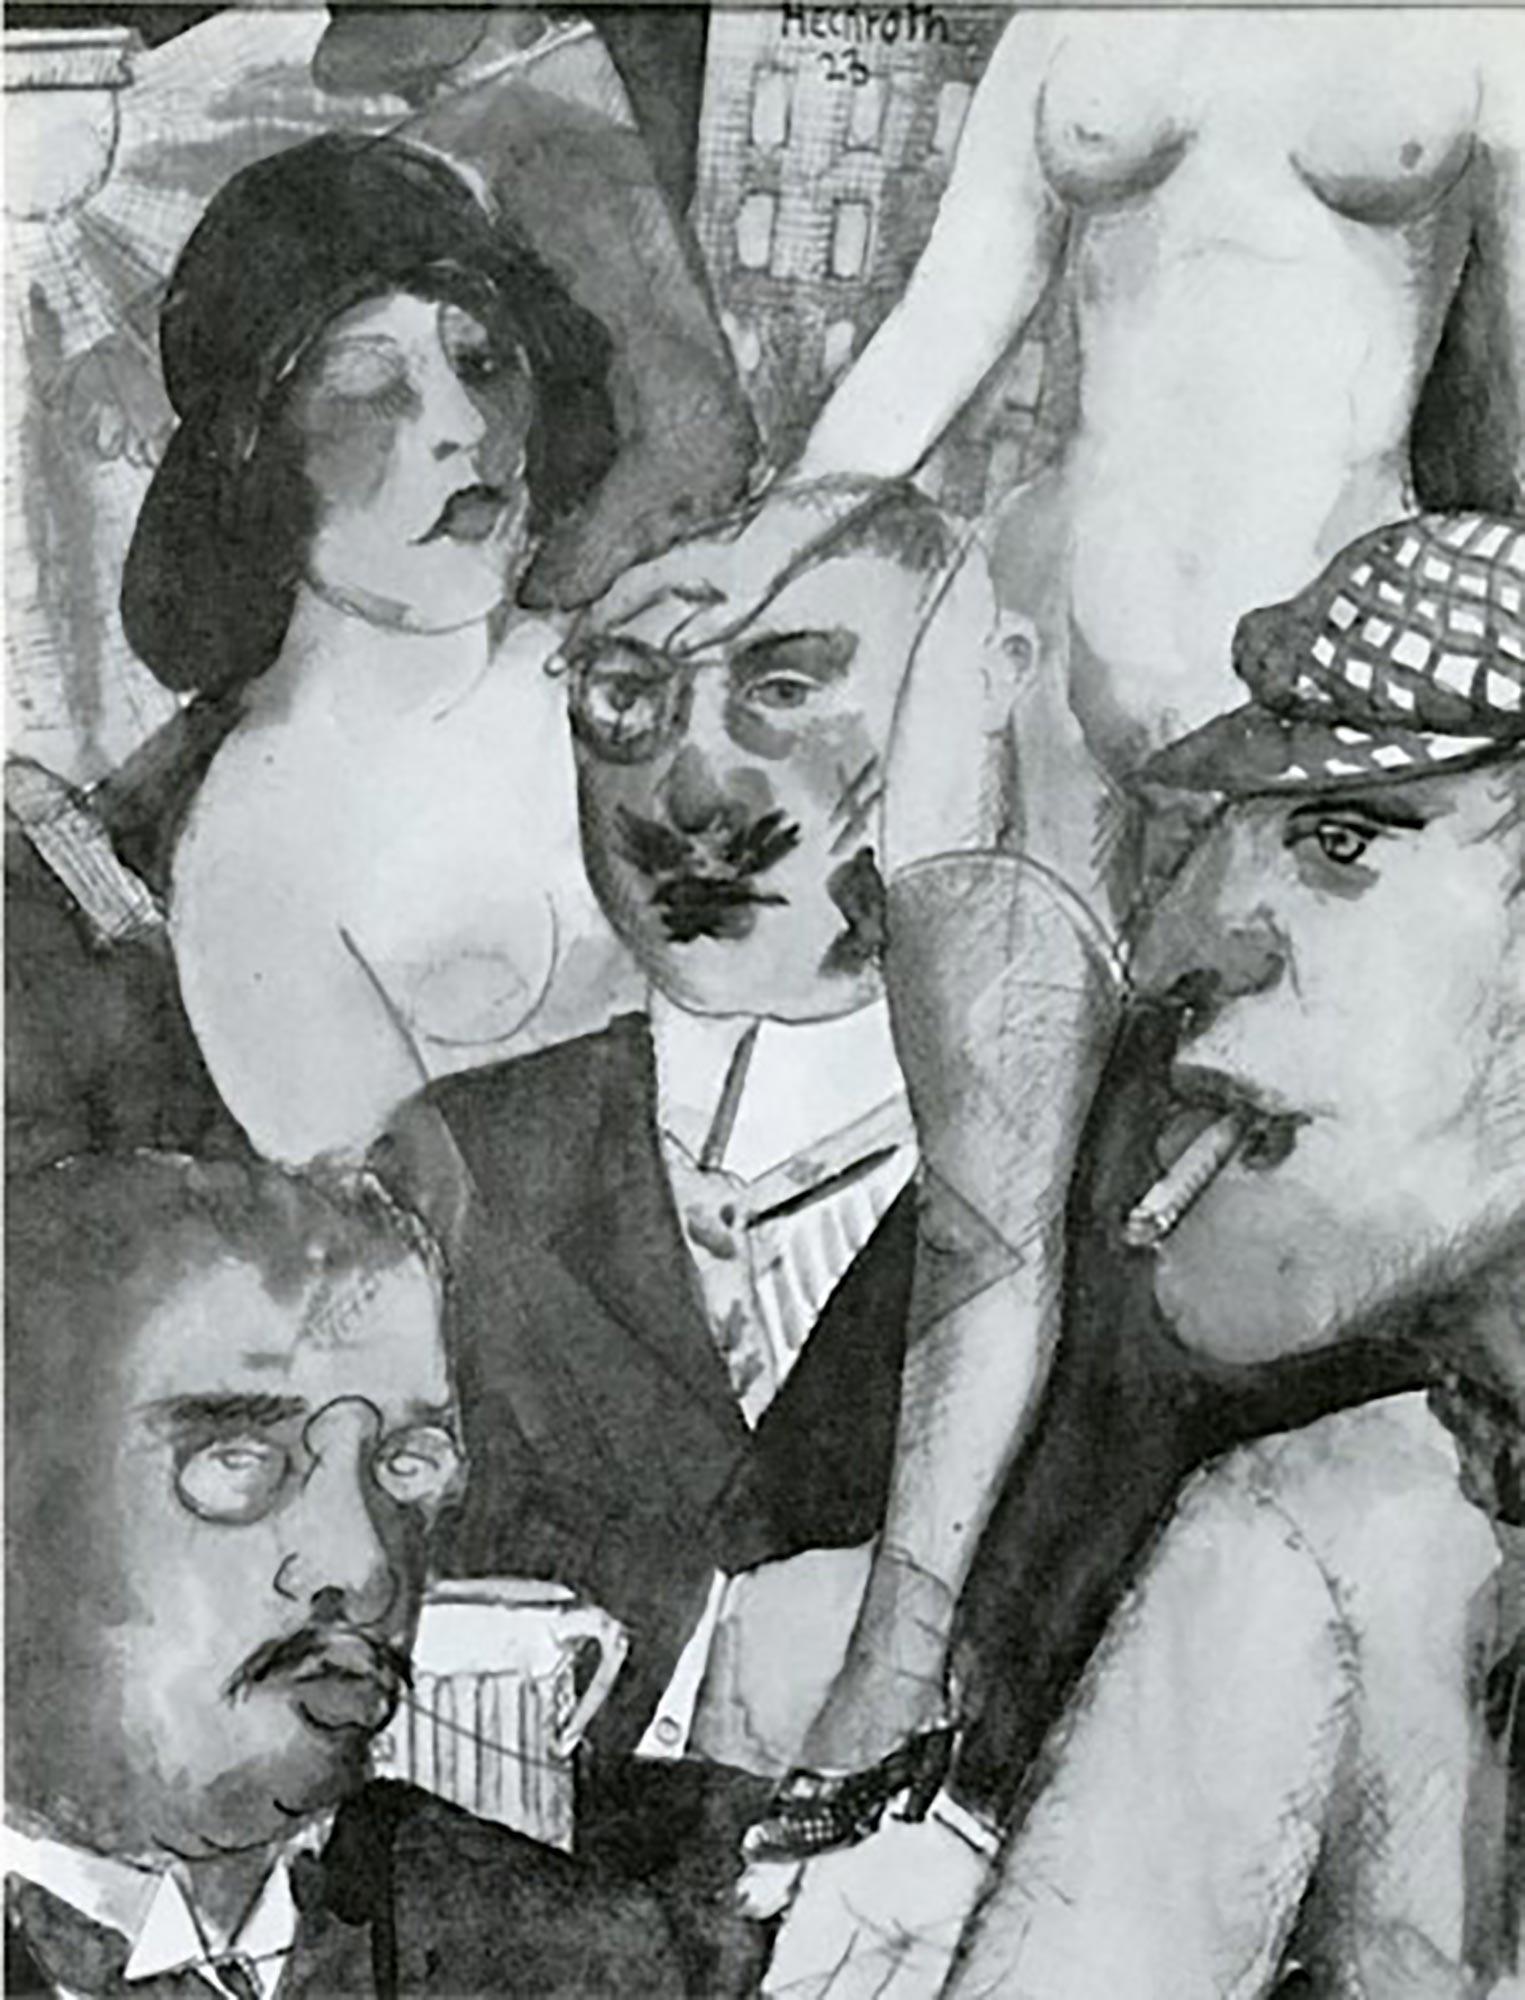 8 Hein Heckroth, Synthese, 1925, Tuschfeder und Aquarell, 29 x 22 cm